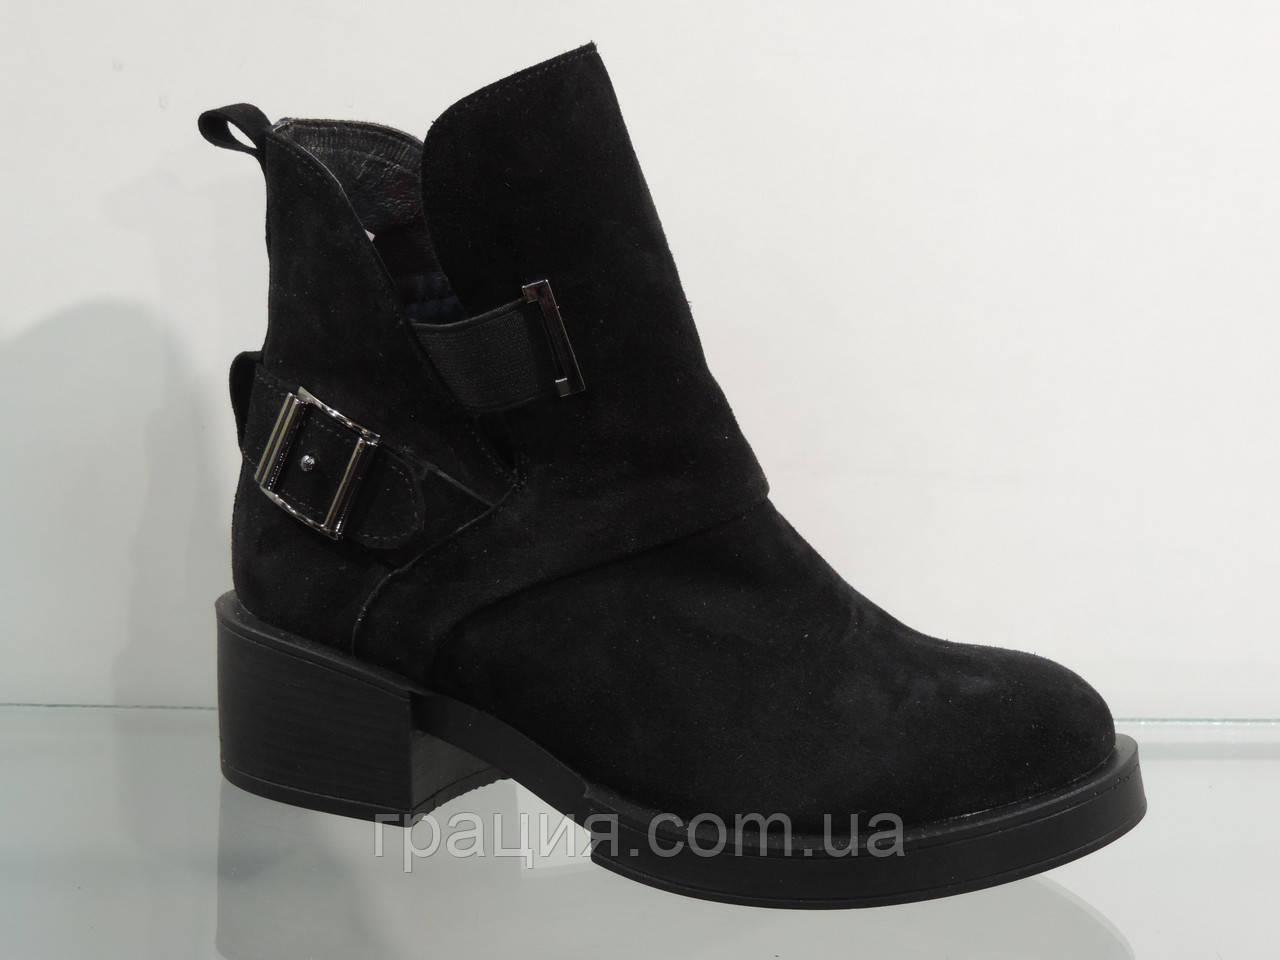 Стильные молодежные ботинки замшевые на байке